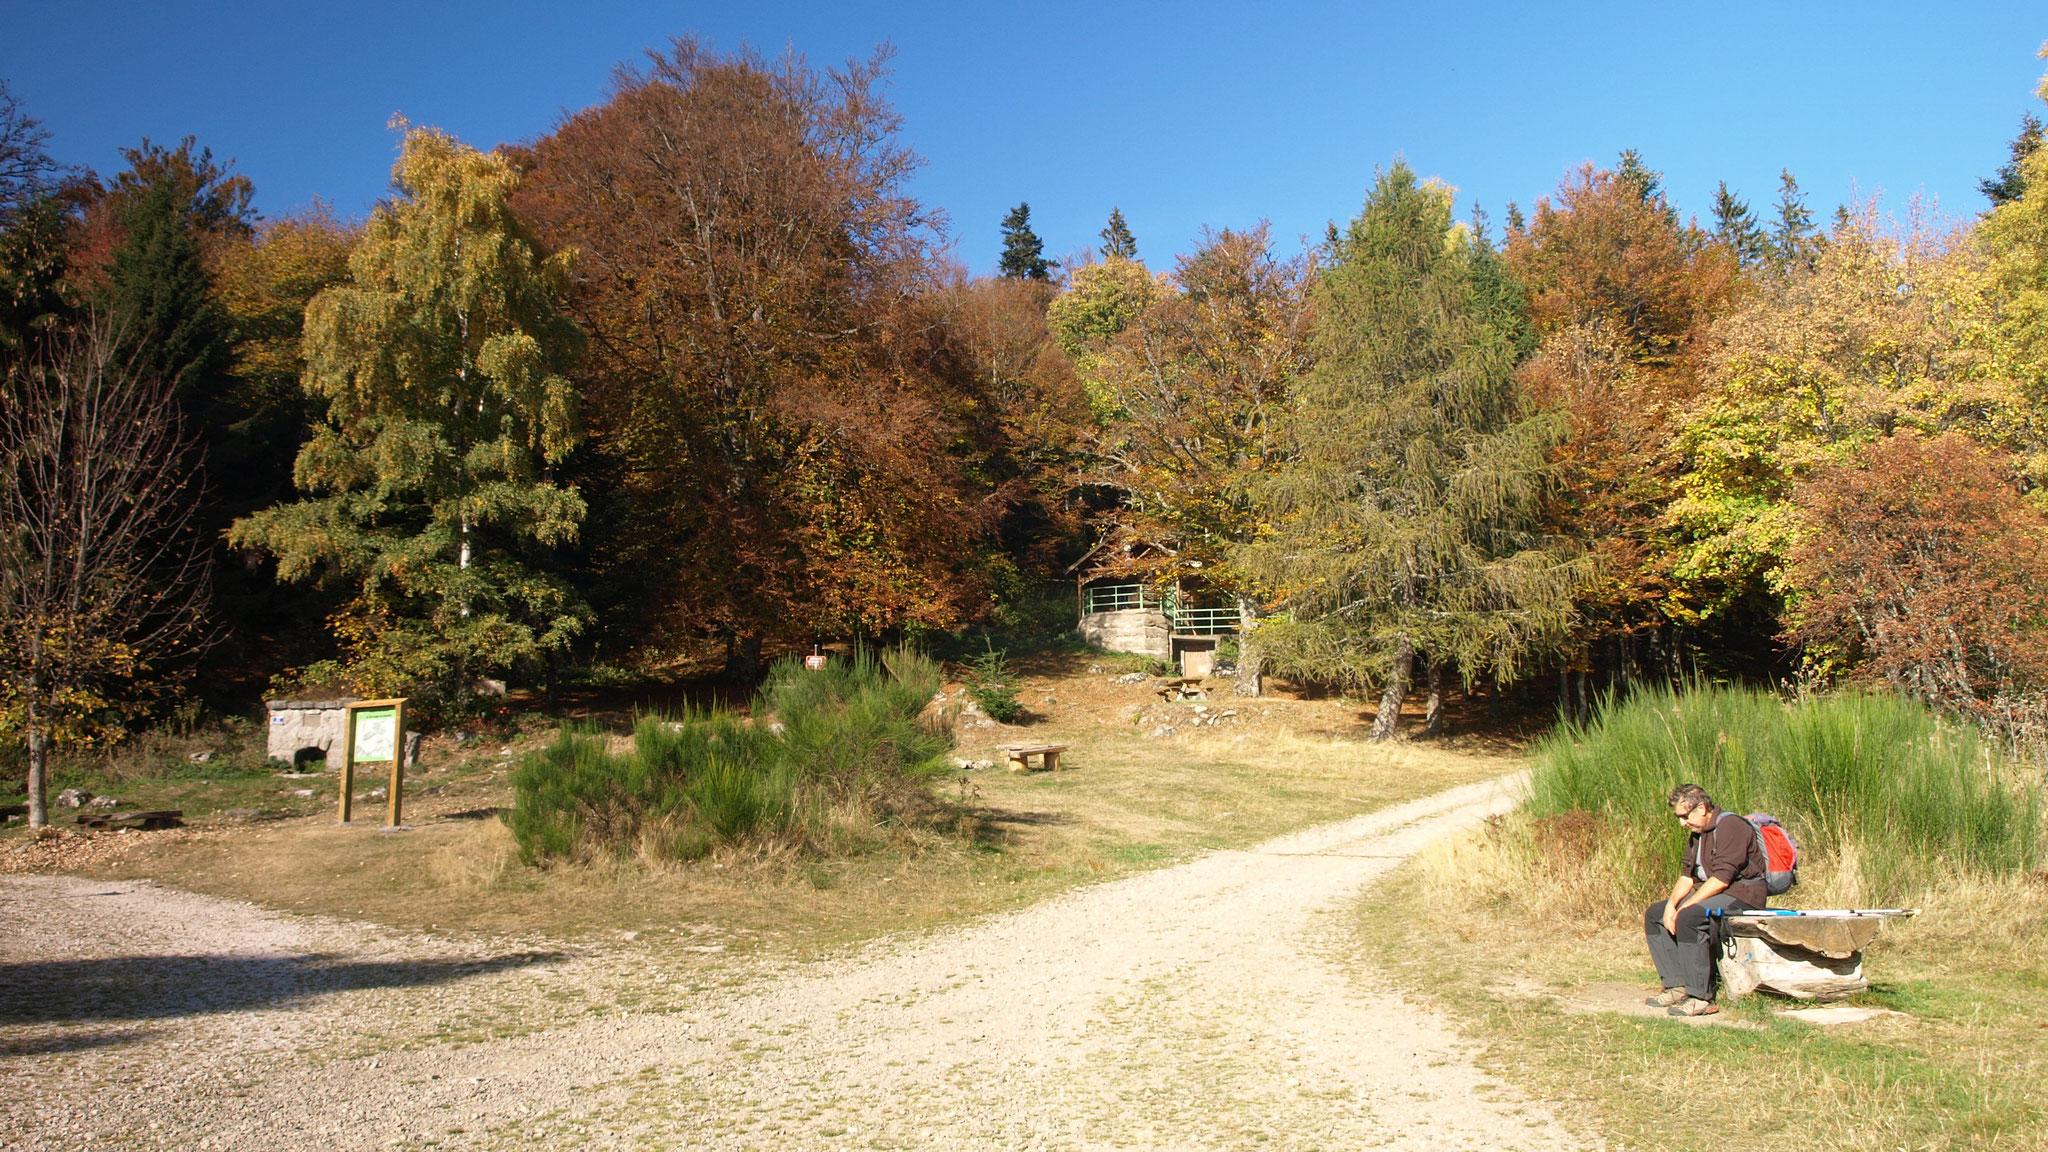 Col du Judenhut